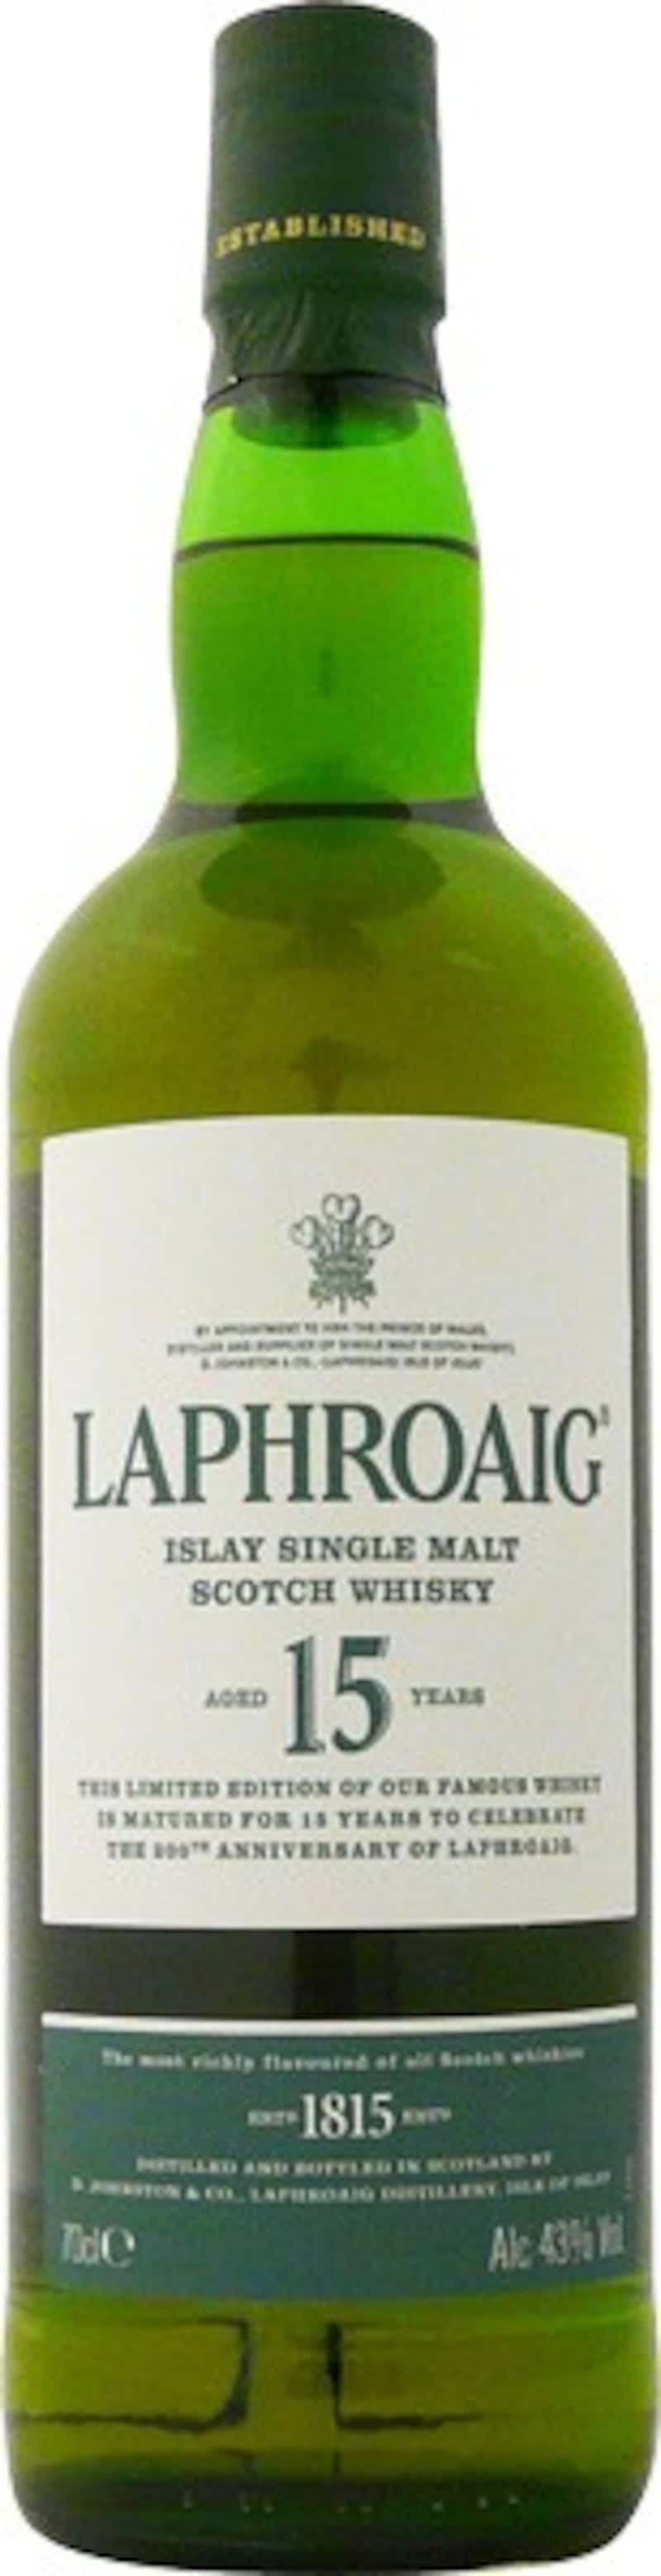 LAPHROAIG(ラフロイグ),ラフロイグ 15年 200周年記念ボトル